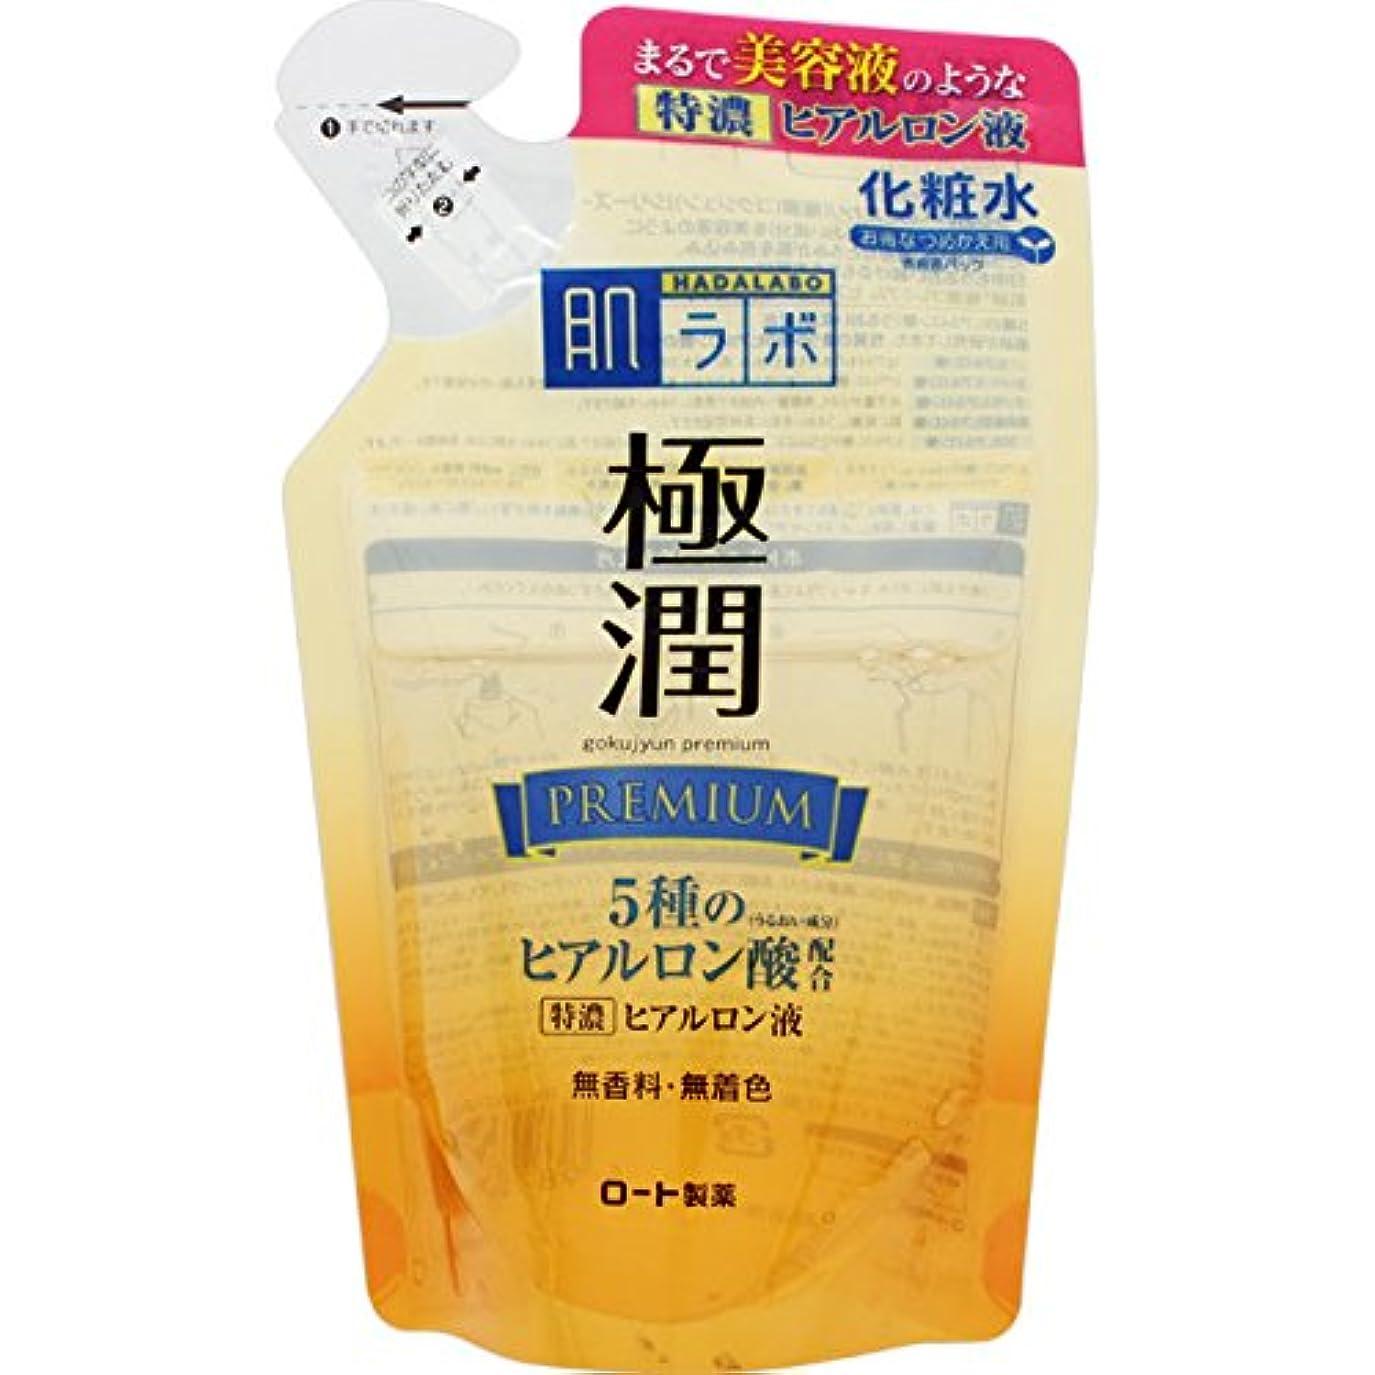 驚くべき右壊滅的な肌ラボ 極潤プレミアム 特濃ヒアルロン液 ヒアルロン酸5種類×サクラン配合 詰替用 170mL